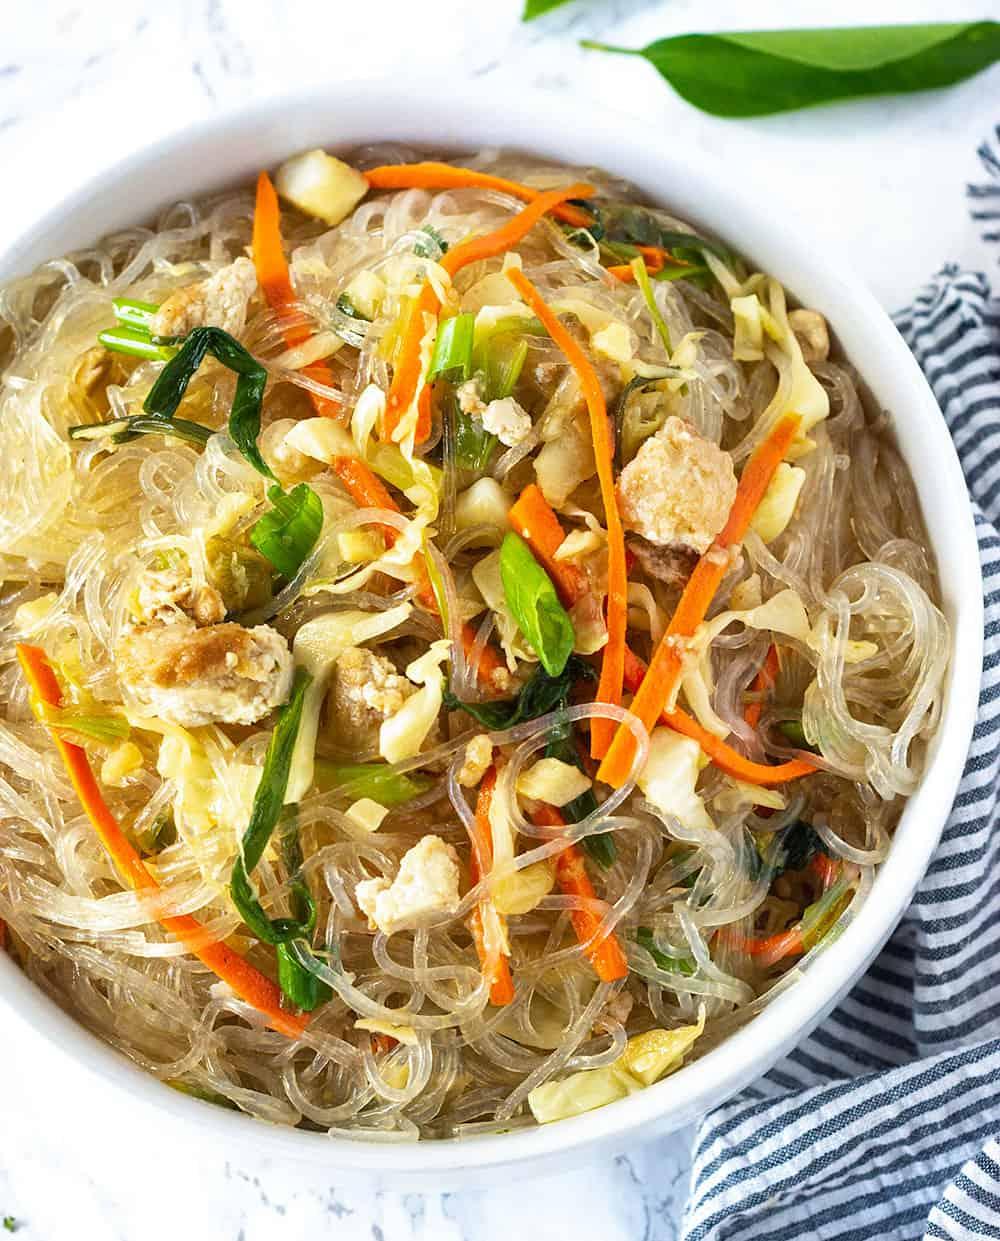 Pancit Bihon (Filipino Stir Fried Noodles)